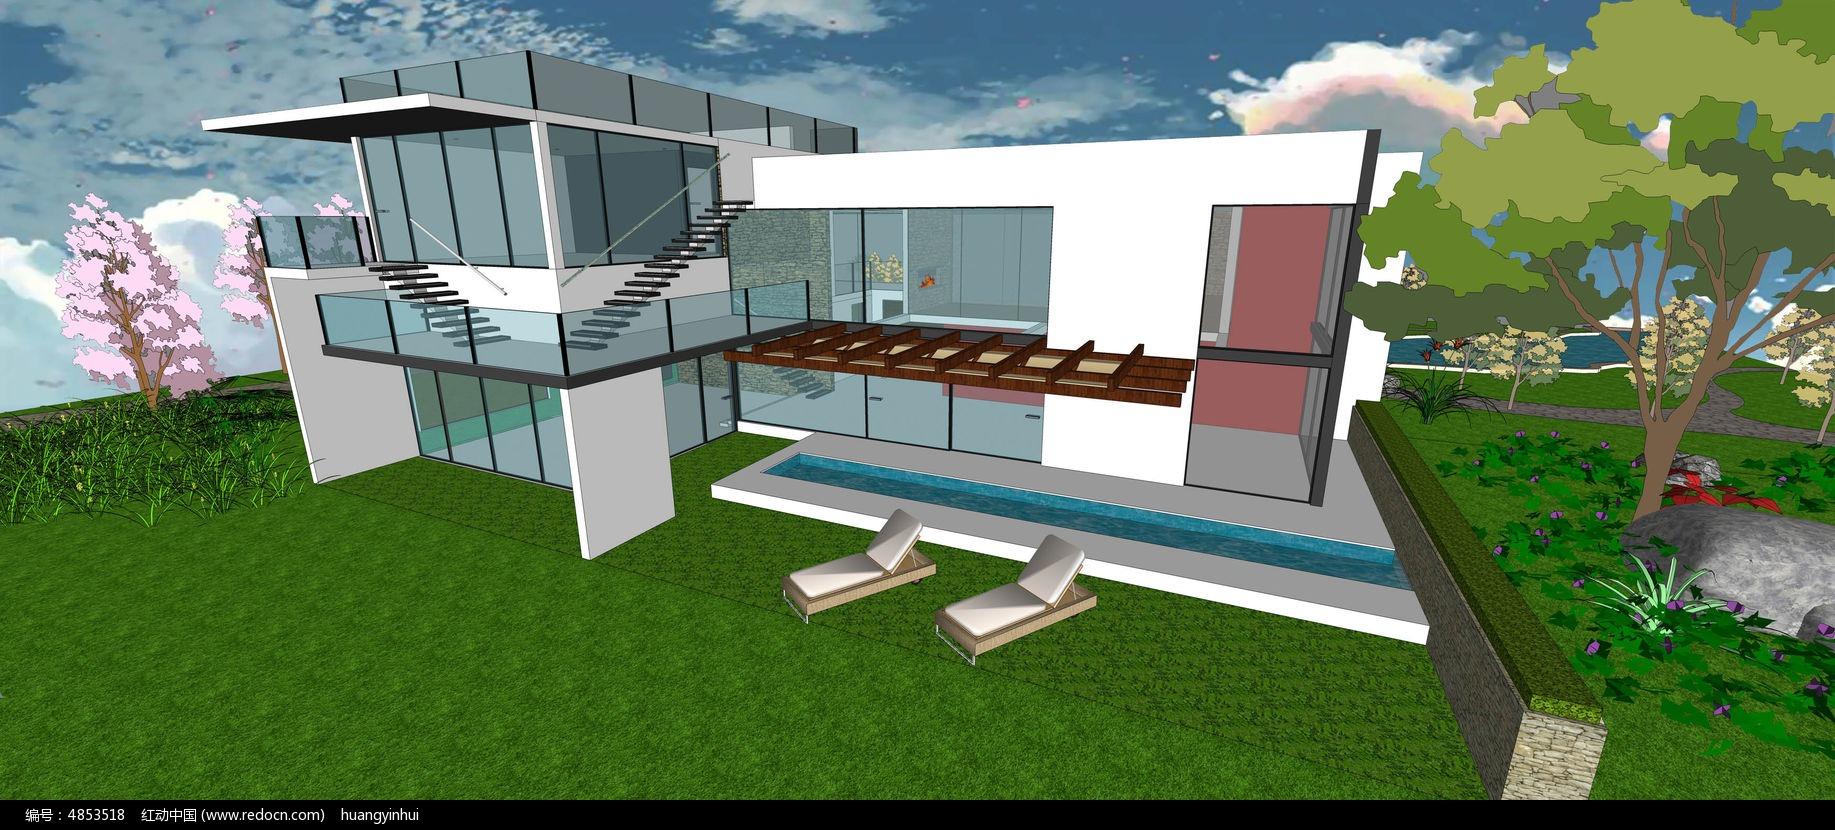 后庭院景观设计